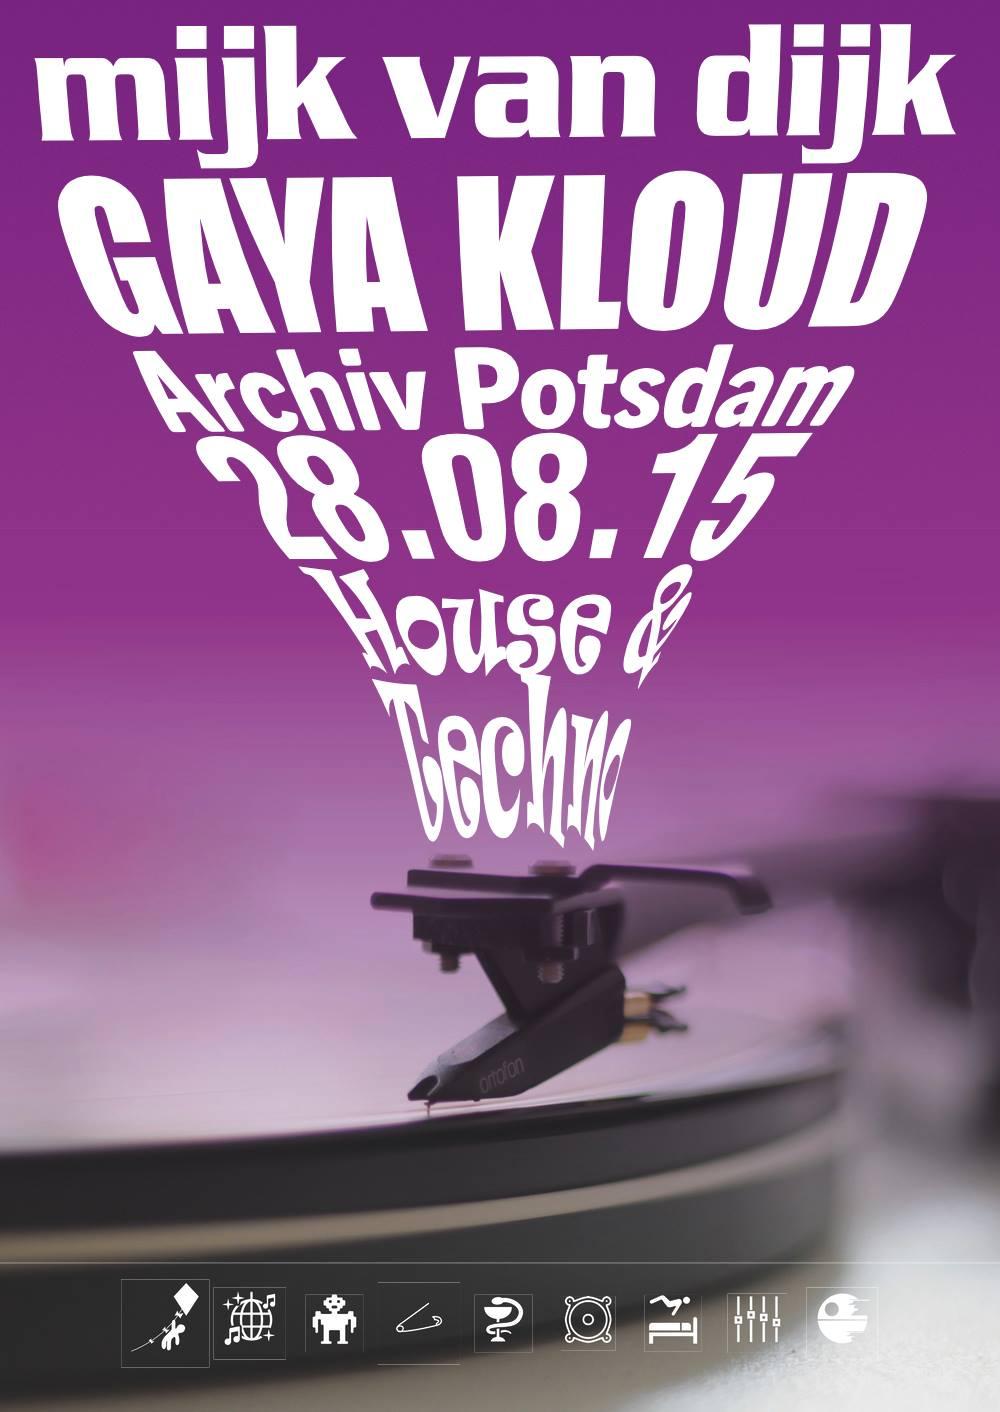 28.08.15 Beatenterprises mit Mijk van Dijk & Gaya Kloud @ Archiv